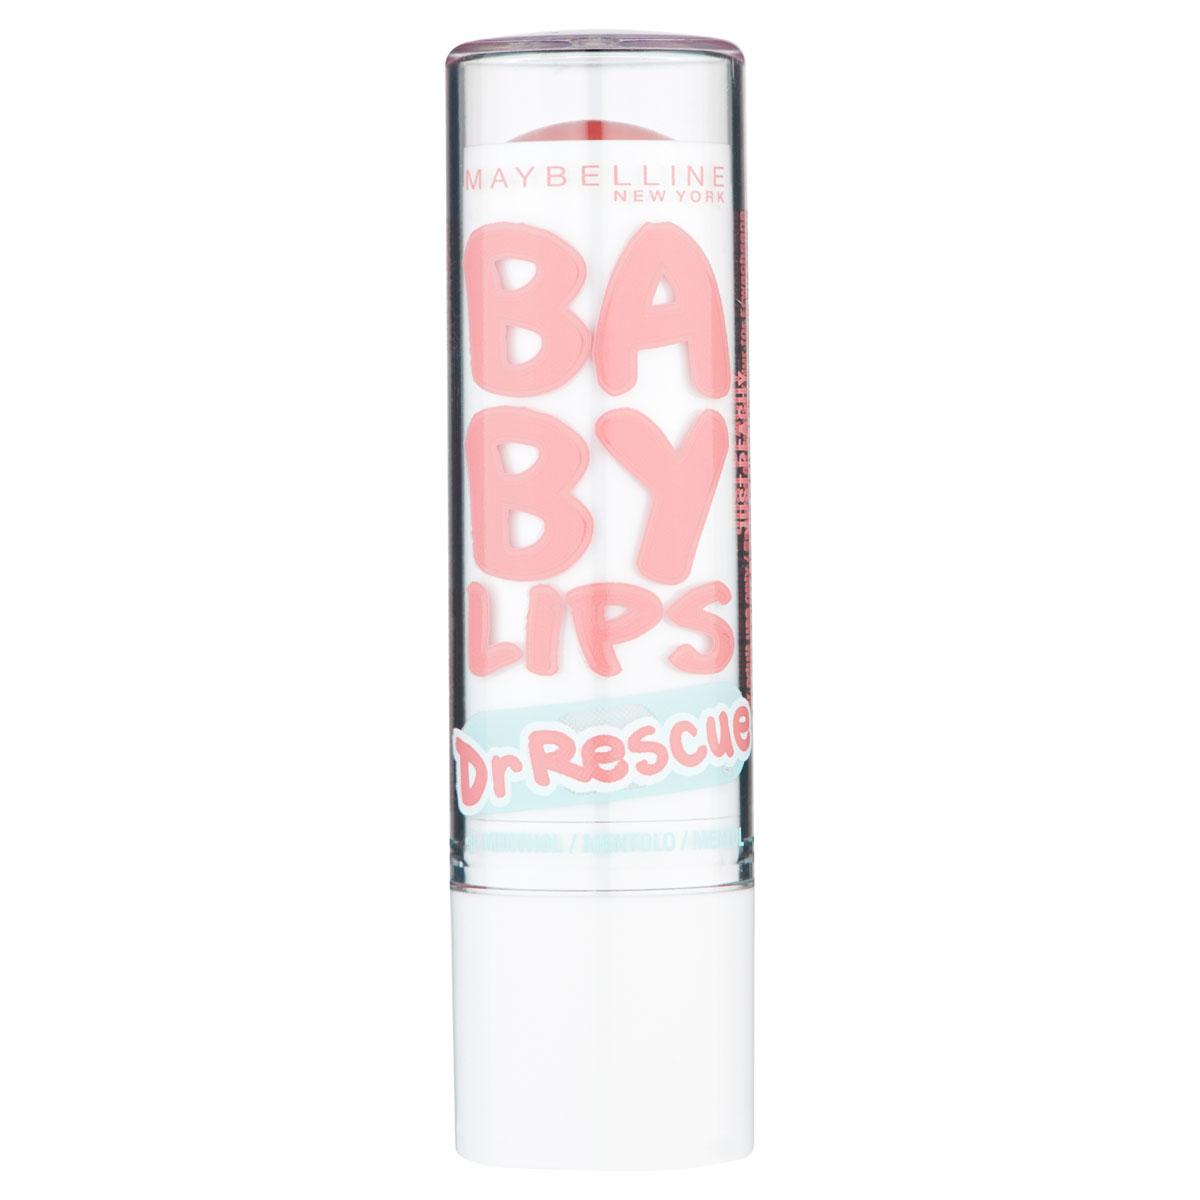 Maybelline New York Бальзам для губ Baby Lips, Доктор Рескью, восстанавливающий и увлажняющий, Эвкалипт, 1,78 млYRU03265Бейби Липс Доктор Рескью Эвкалипт максимально увлажняет губы. Результат виден уже через 60 секунд после нанесения!